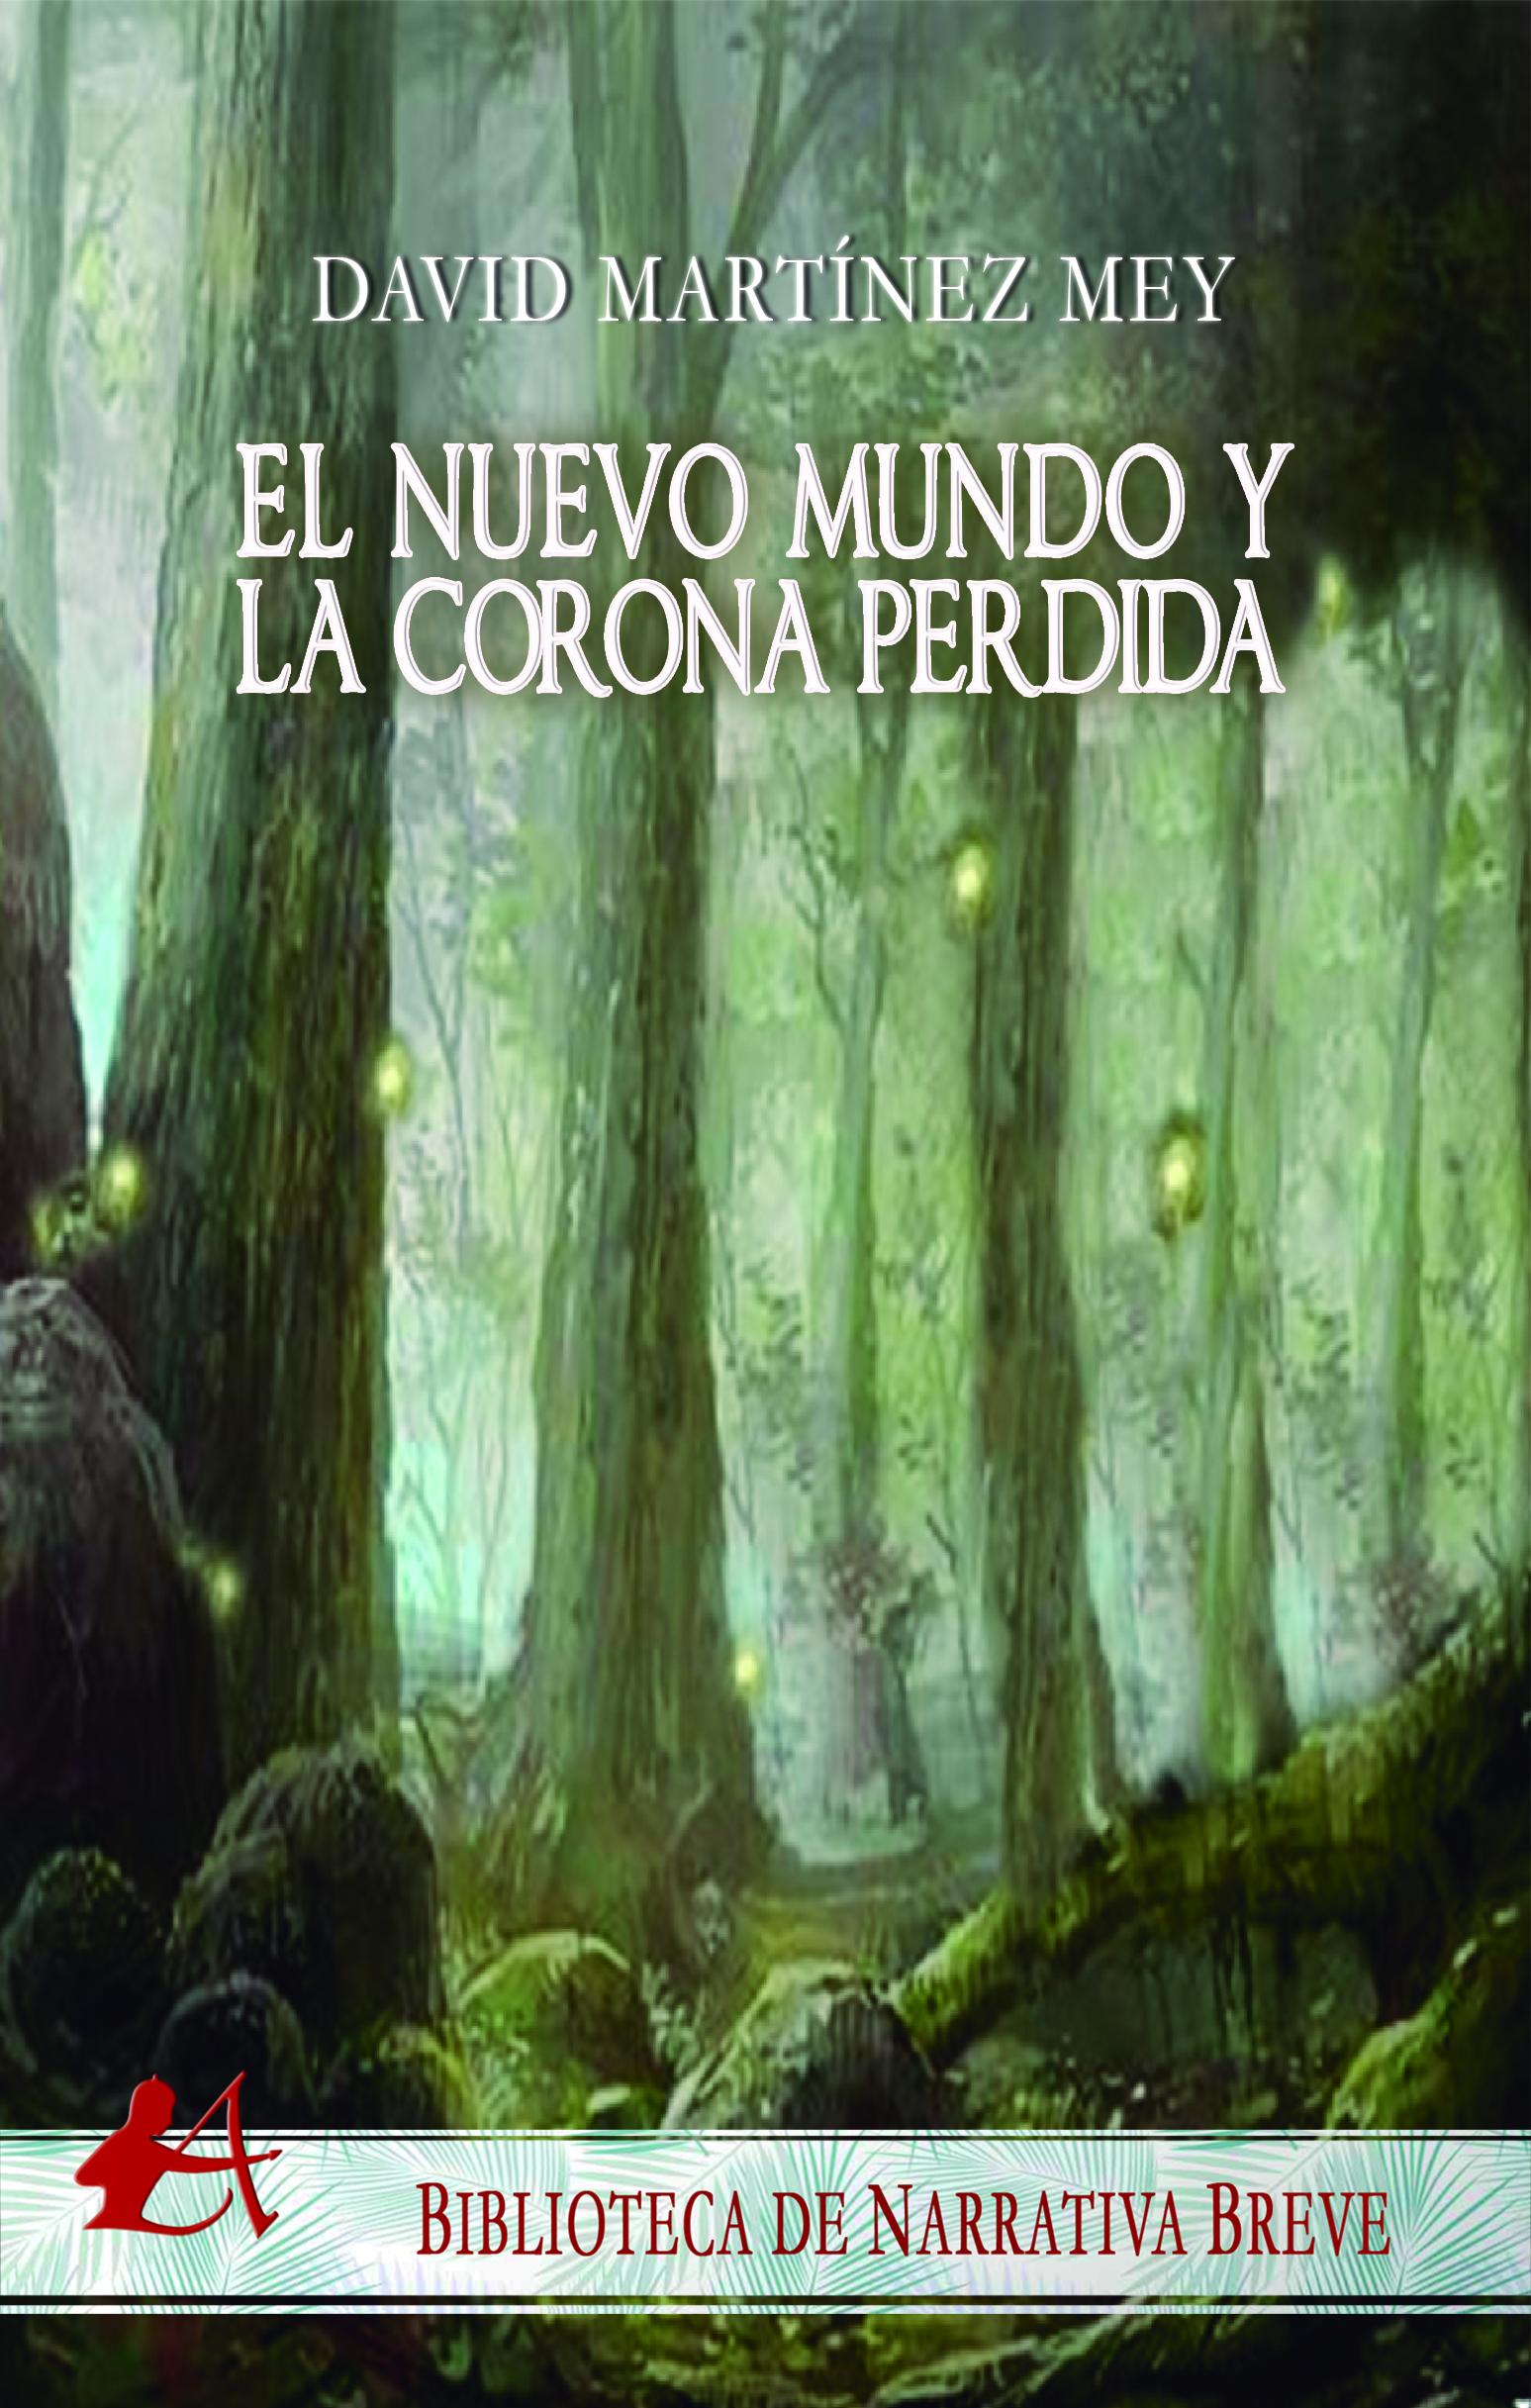 Portada del libro El nuevo mundo y la corona perdida de David Martínez Mey. Editorial Adarve, Escritores de hoy